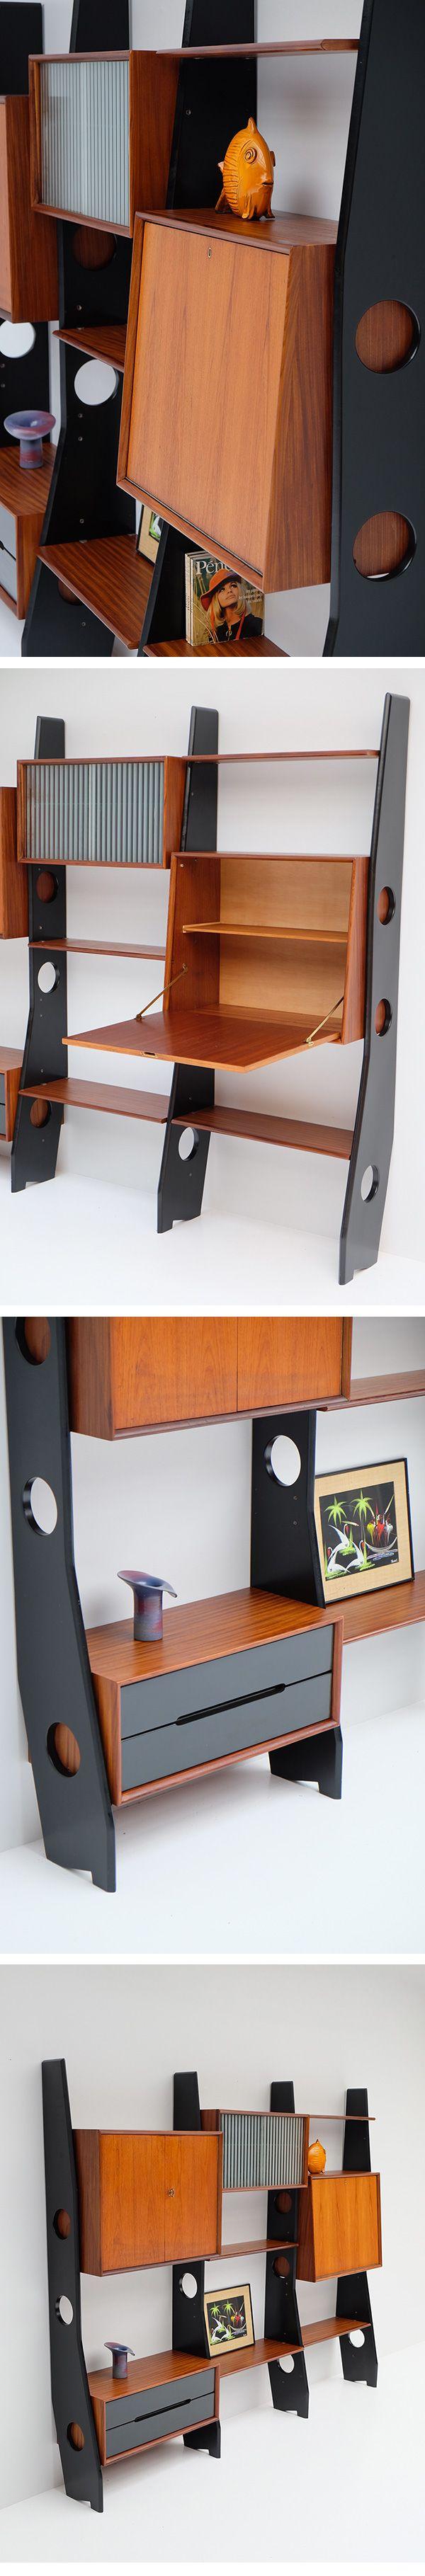 44240d9dc1d5d270702a9c919044a460--city-furniture-wall-units Incroyable De Table Basse Le Corbusier Concept